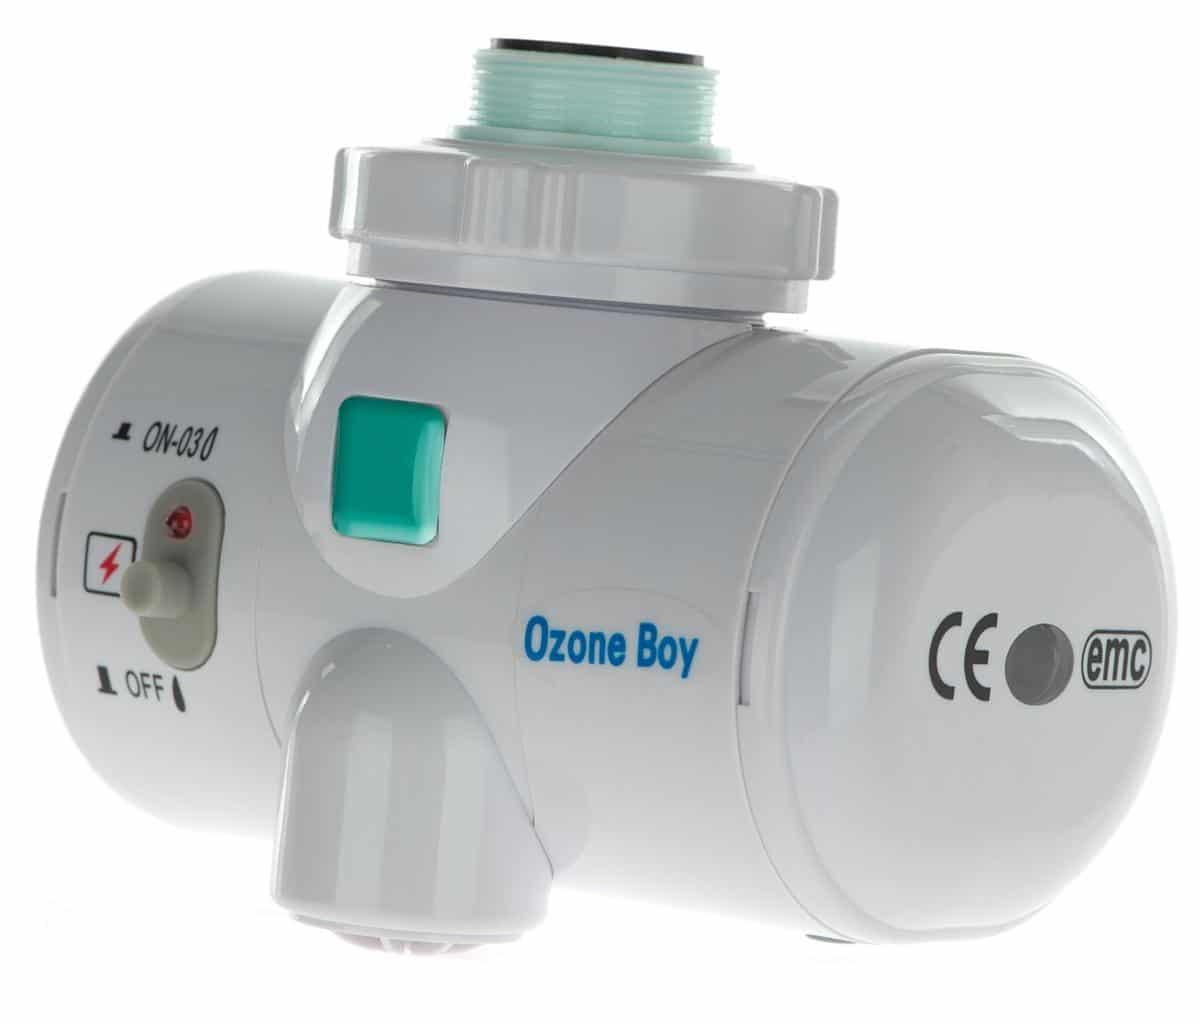 mejores filtros purificadores de agua caseros baratos de AliExpress